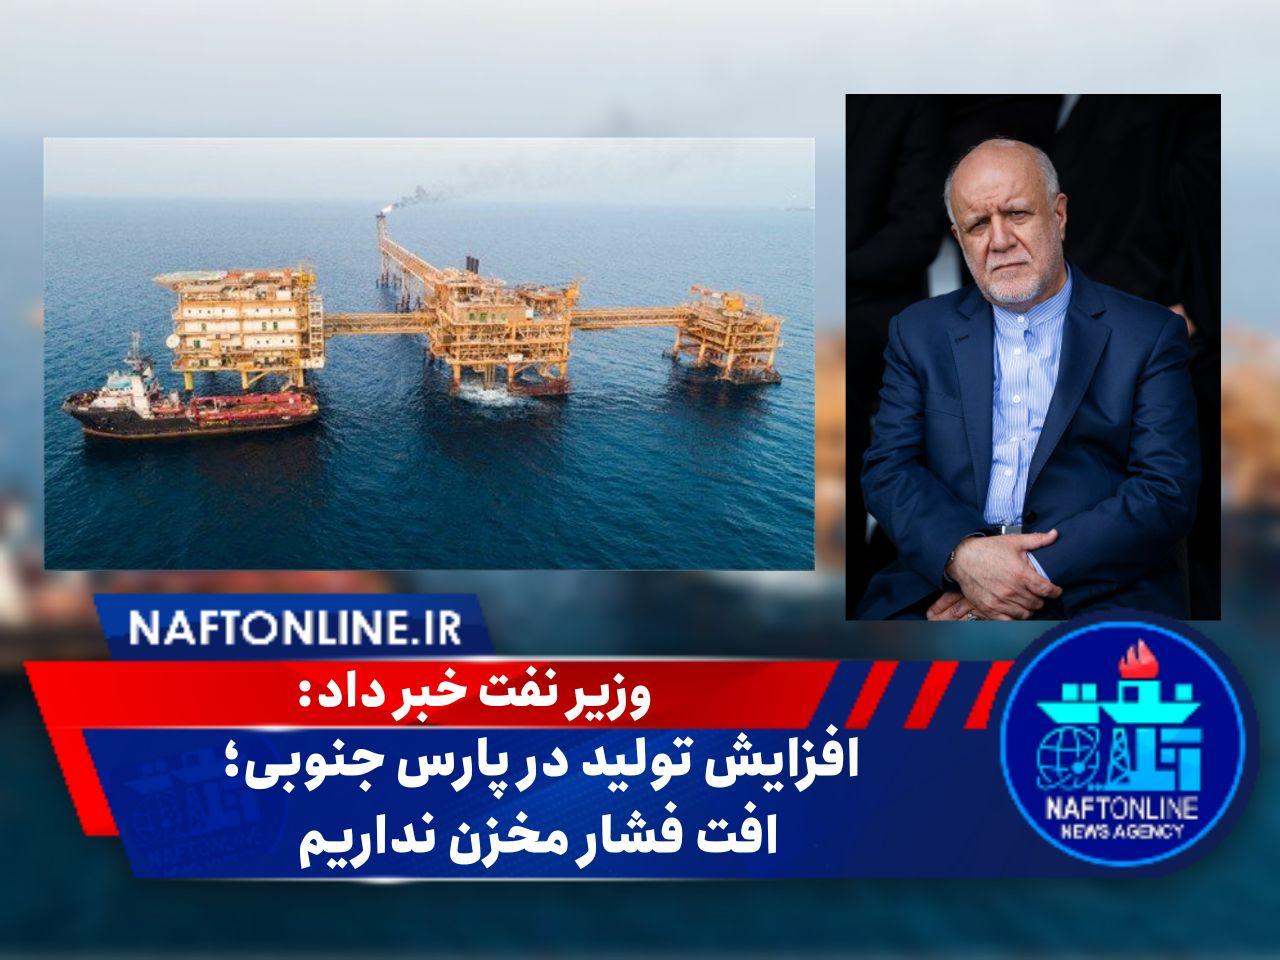 زنگنه و توضیحات گازی | نفت آنلاین